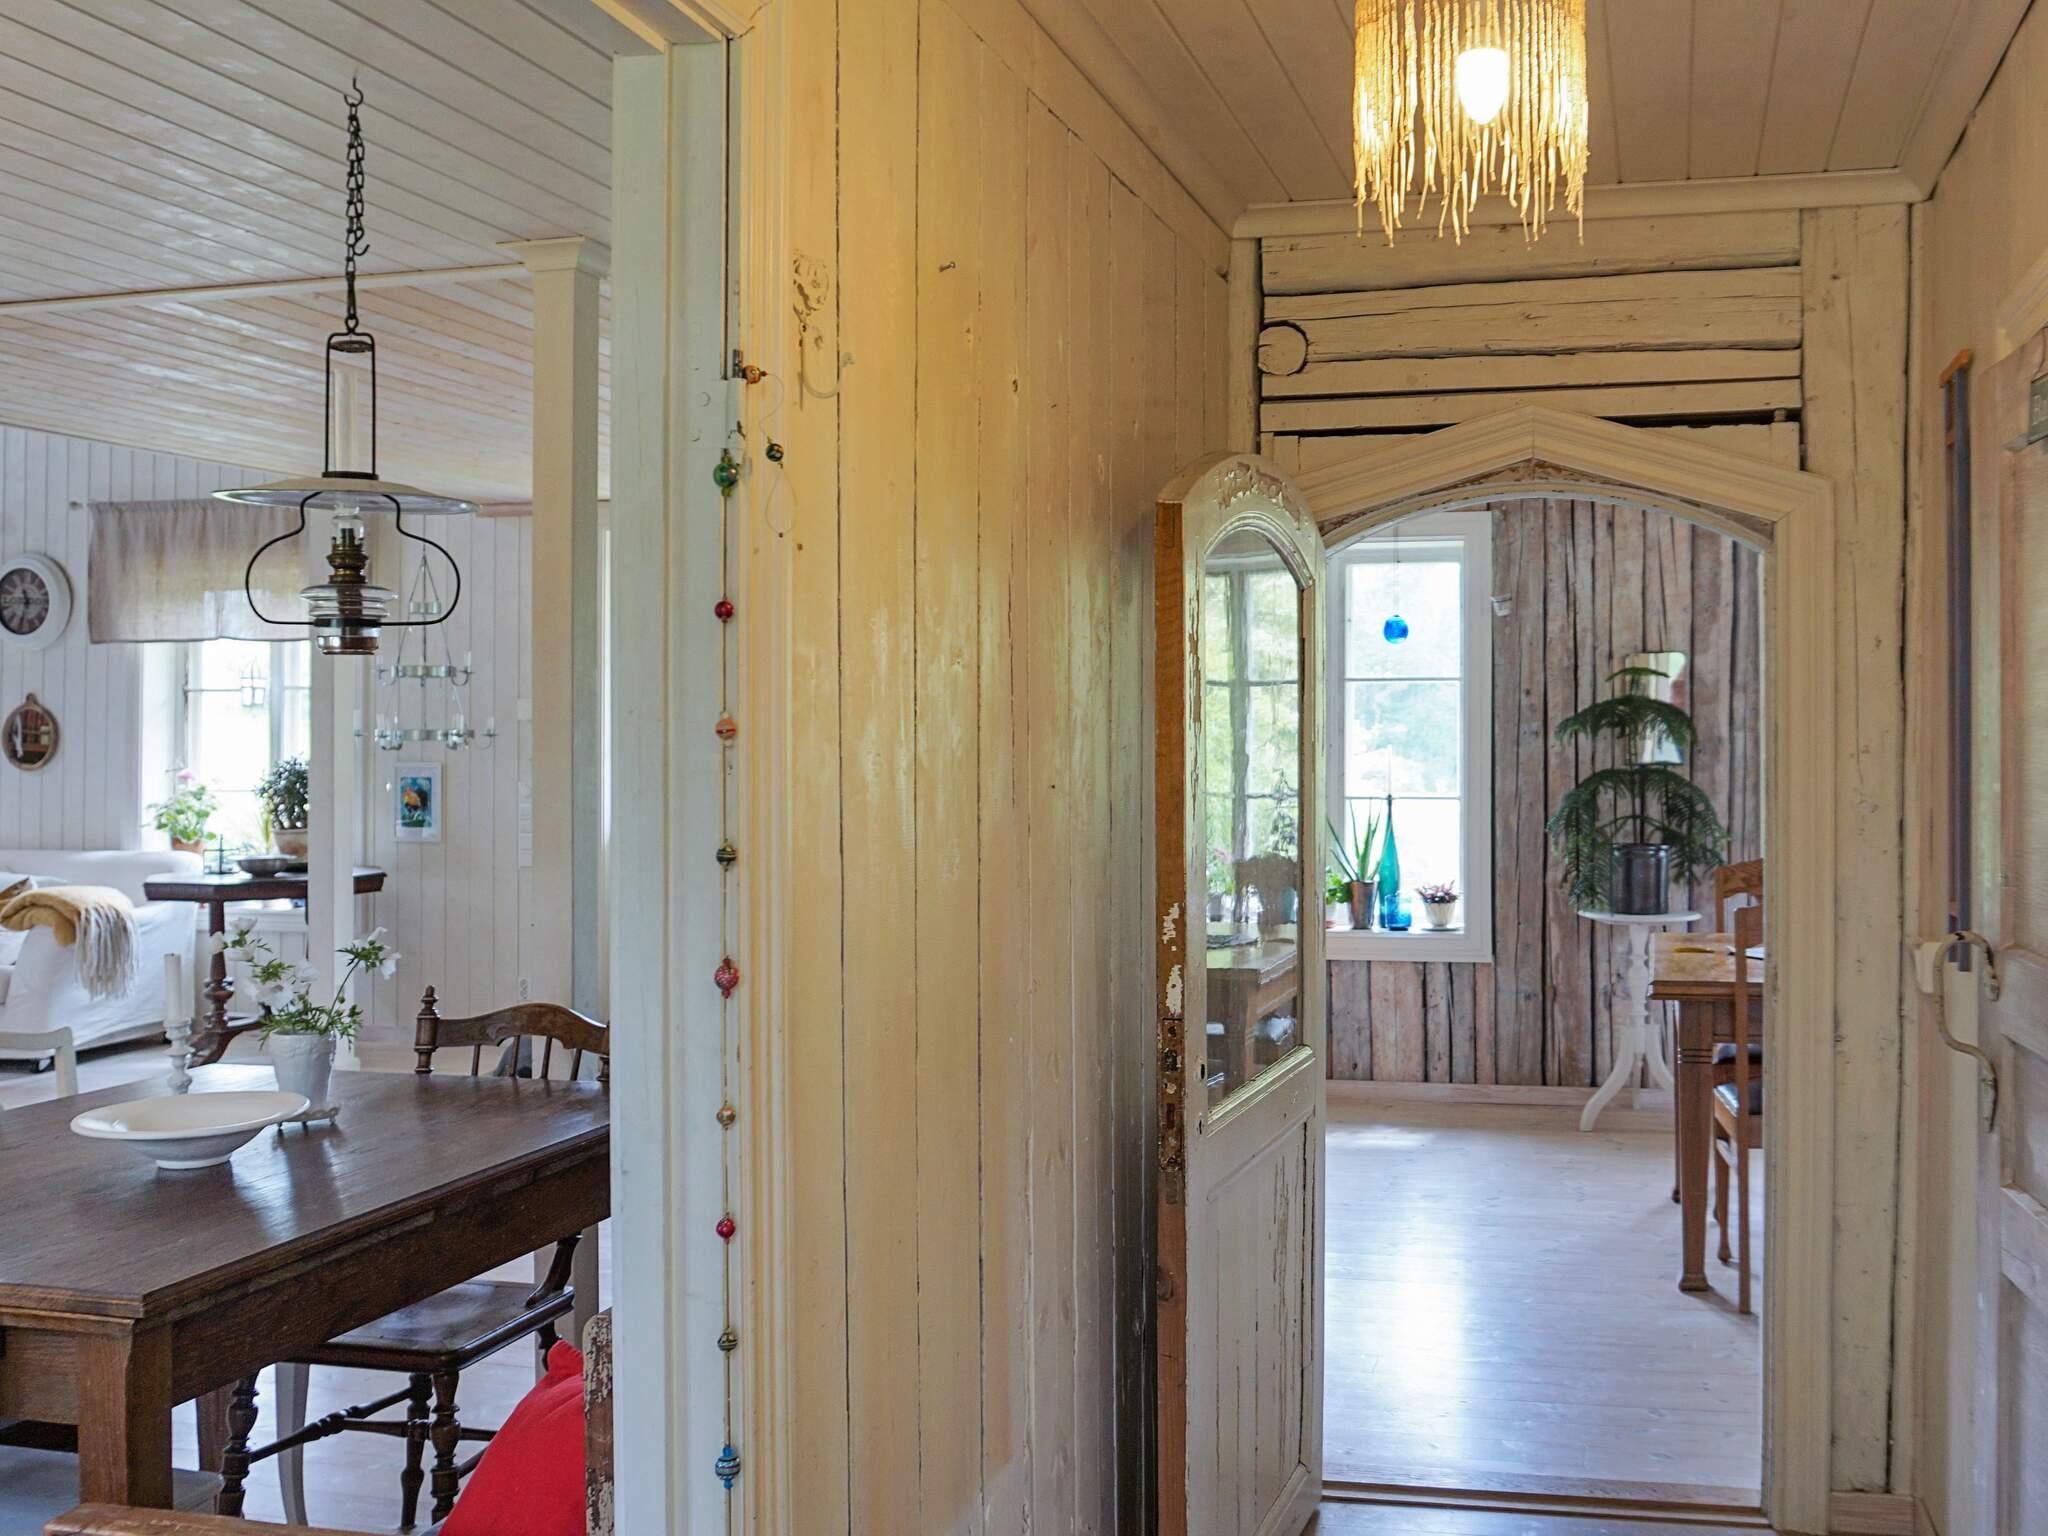 Ferienhaus Munkedal (2644651), Munkedal, Västra Götaland län, Westschweden, Schweden, Bild 11